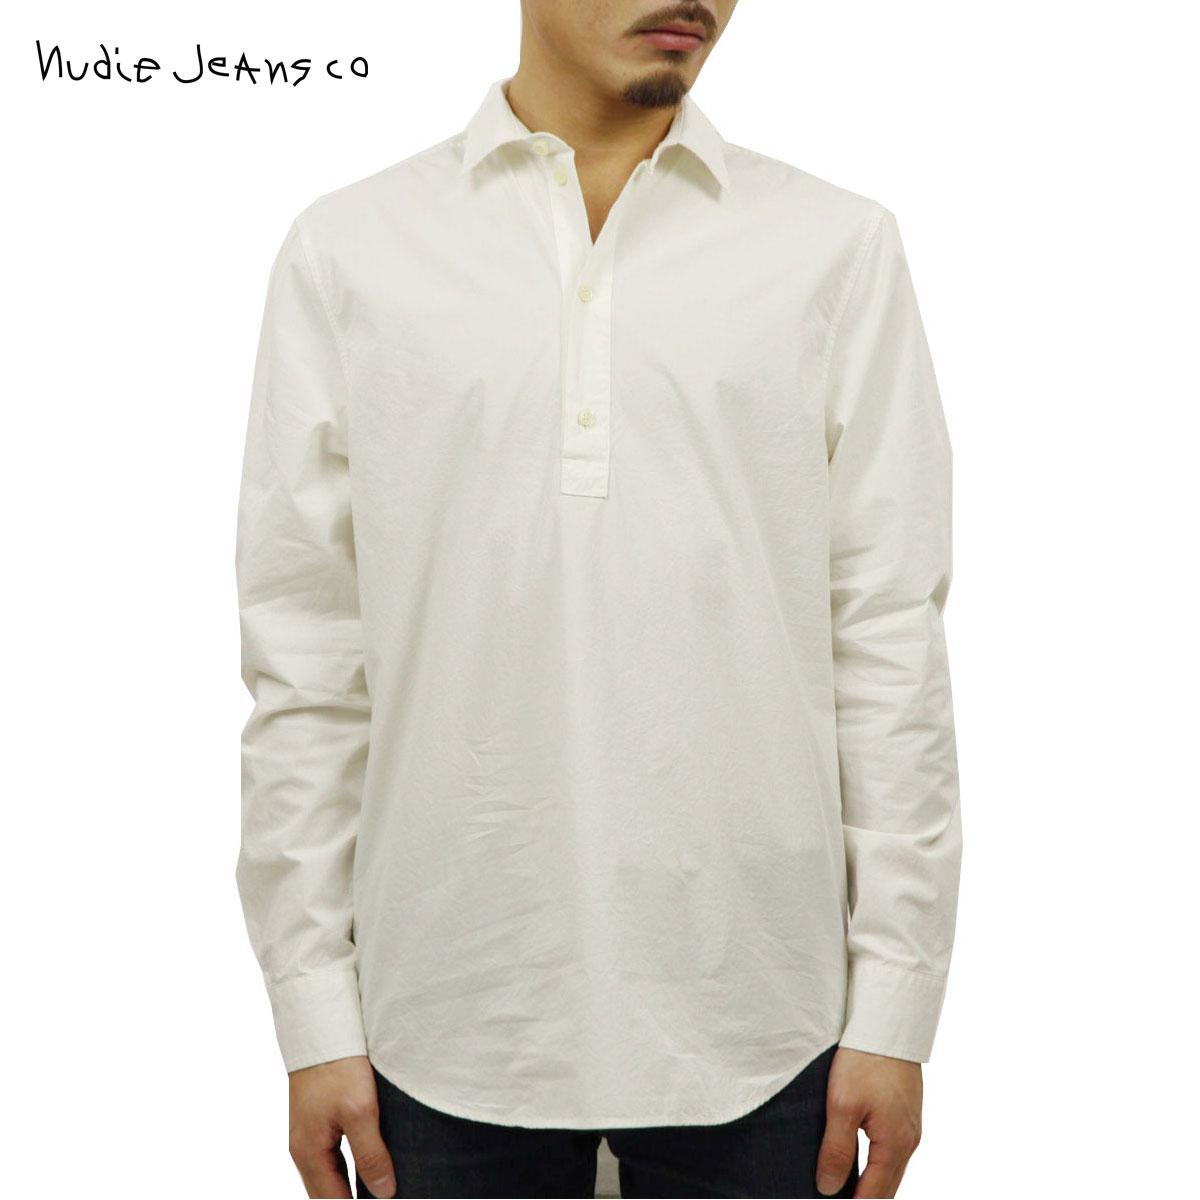 予約商品 6月頃入荷予定 ヌーディージーンズ Nudie Jeans 正規販売店 メンズ 長袖プルオーバーシャツ GABRIEL POP OVER SHIRT DUSTY WHITE W41 140599 3018